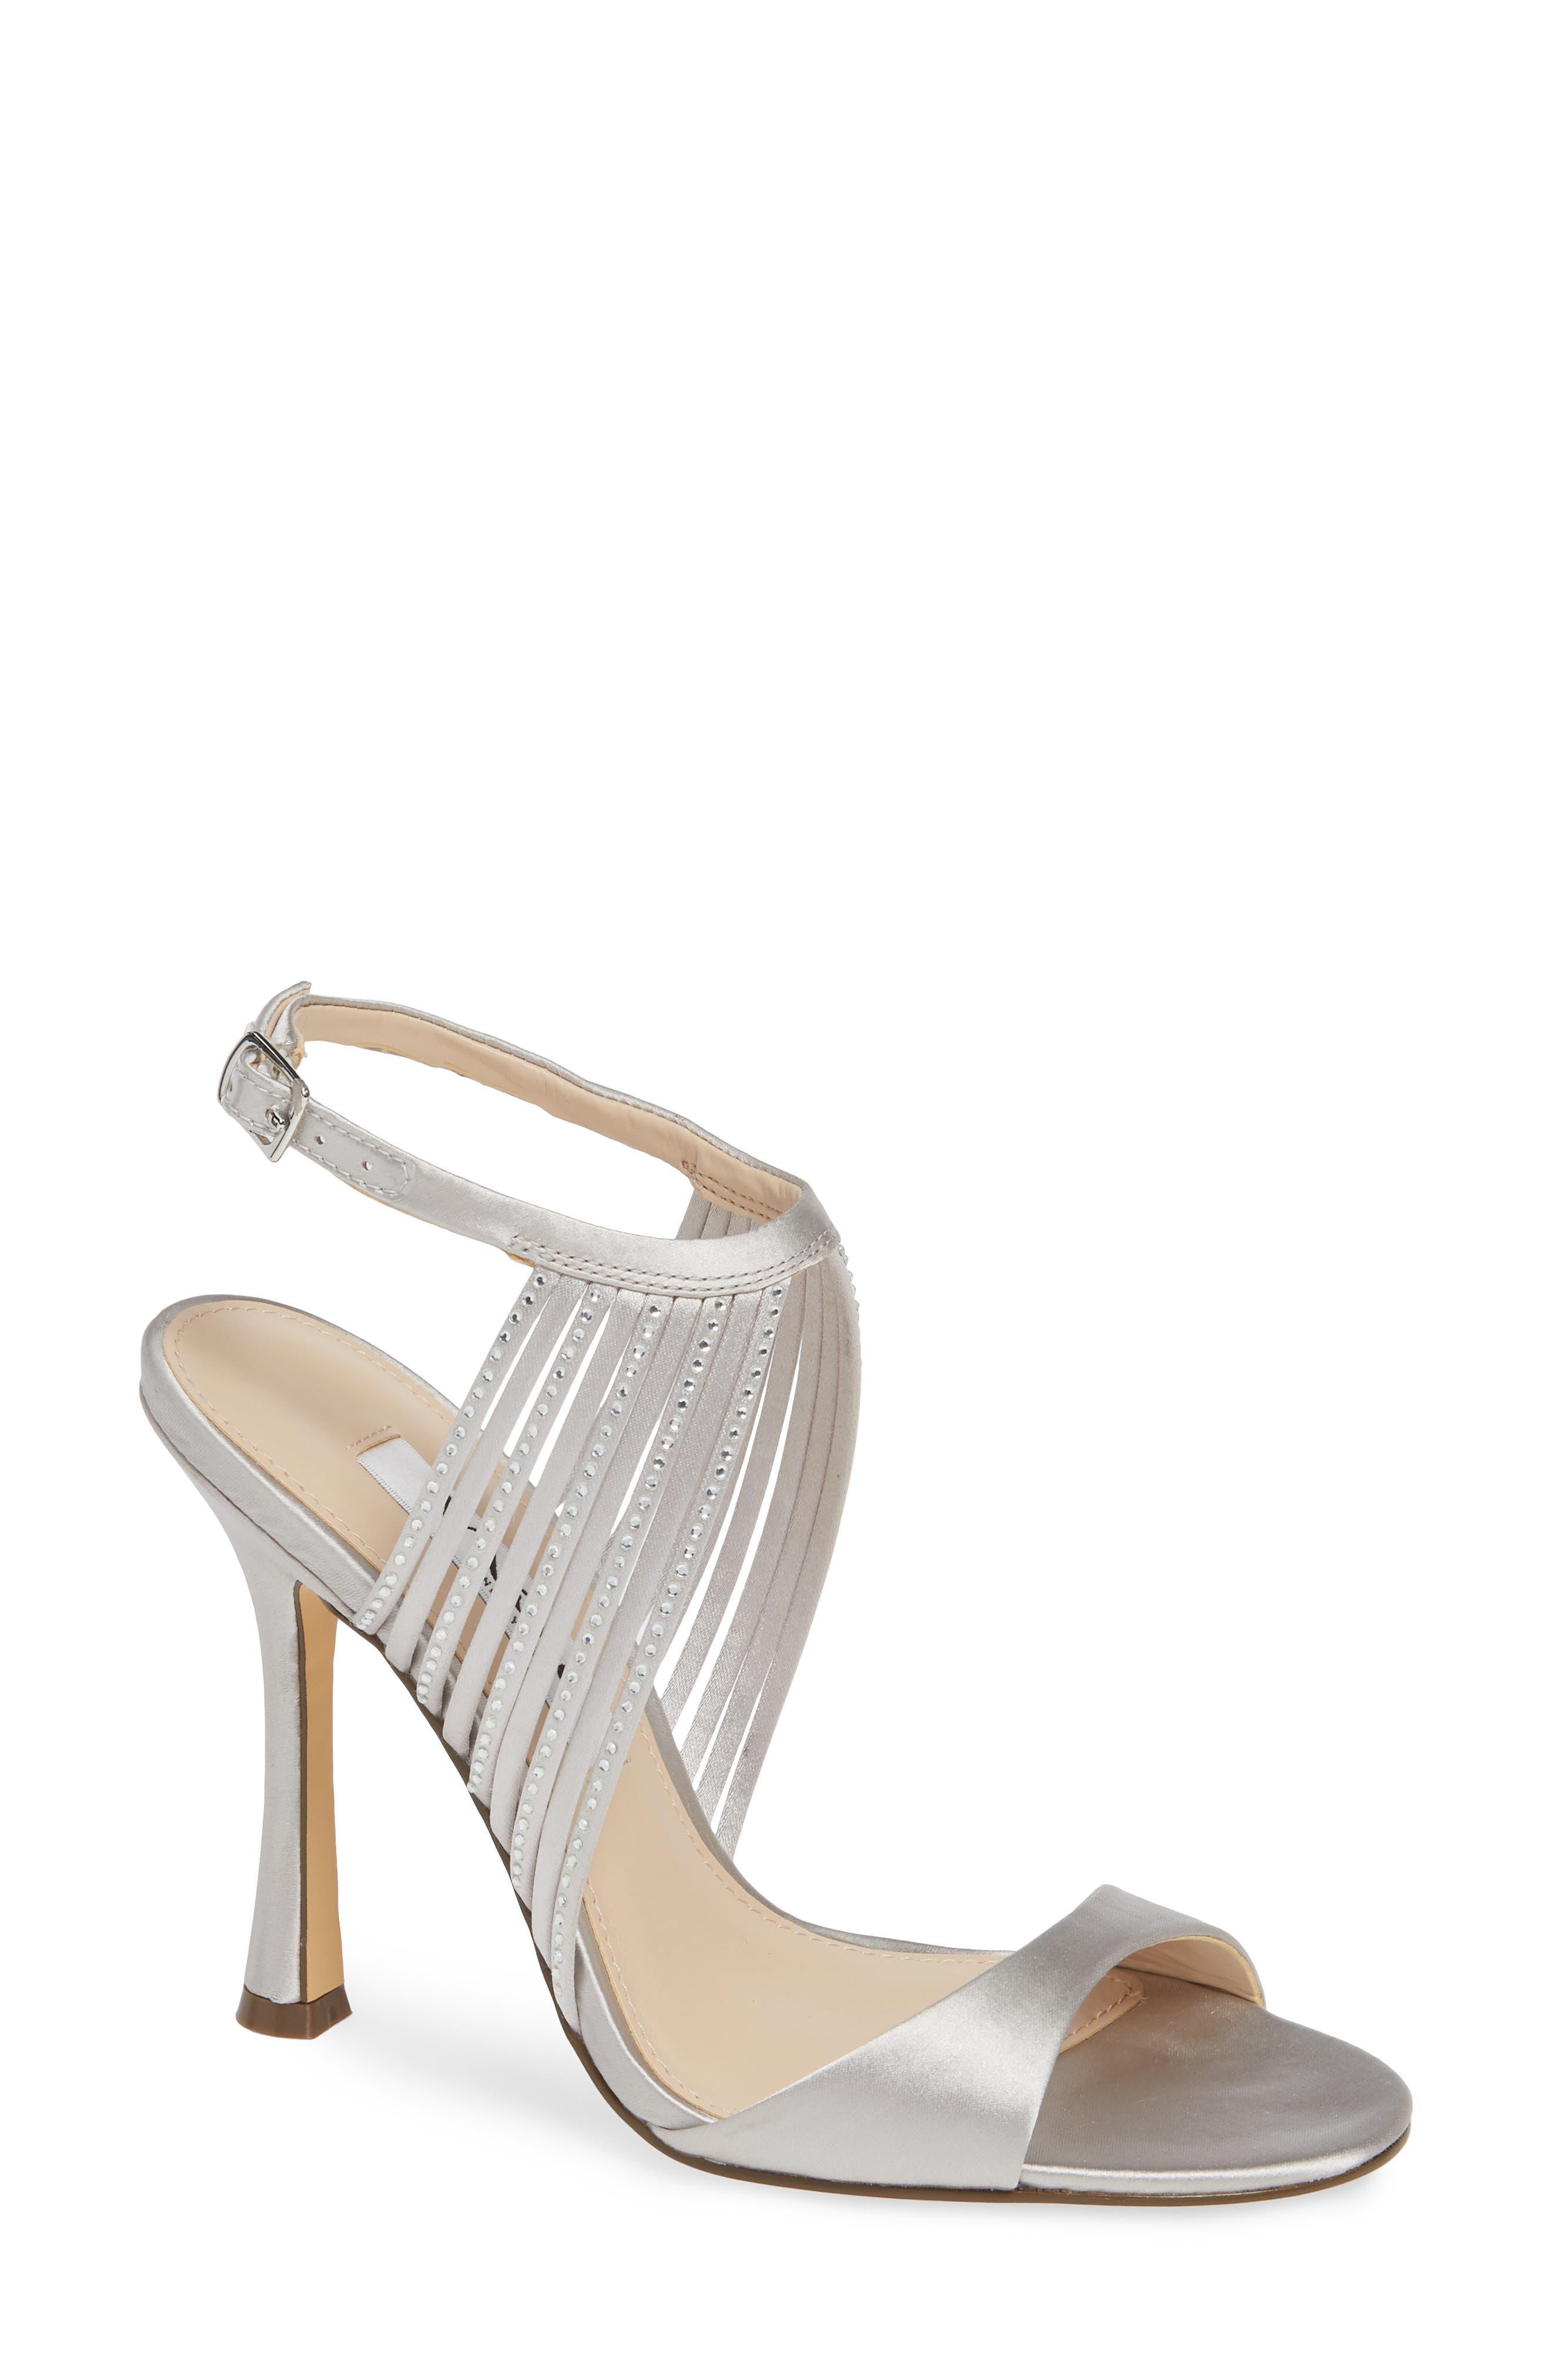 28adfa936bd7 Nina Damaris Crystal Embellished Sandal